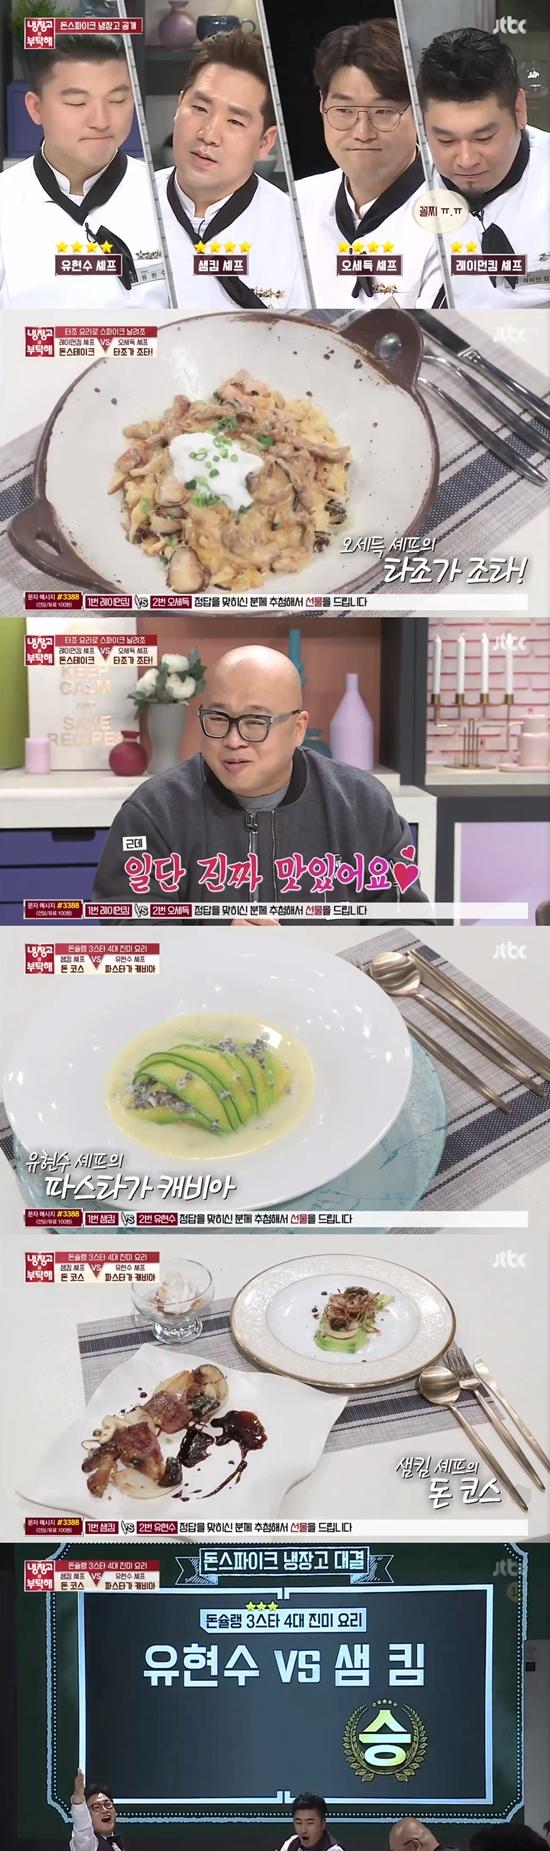 [종합] '냉장고' 샘킴, 돈스파이크만을 위한 코스요리…단독 1위 등극